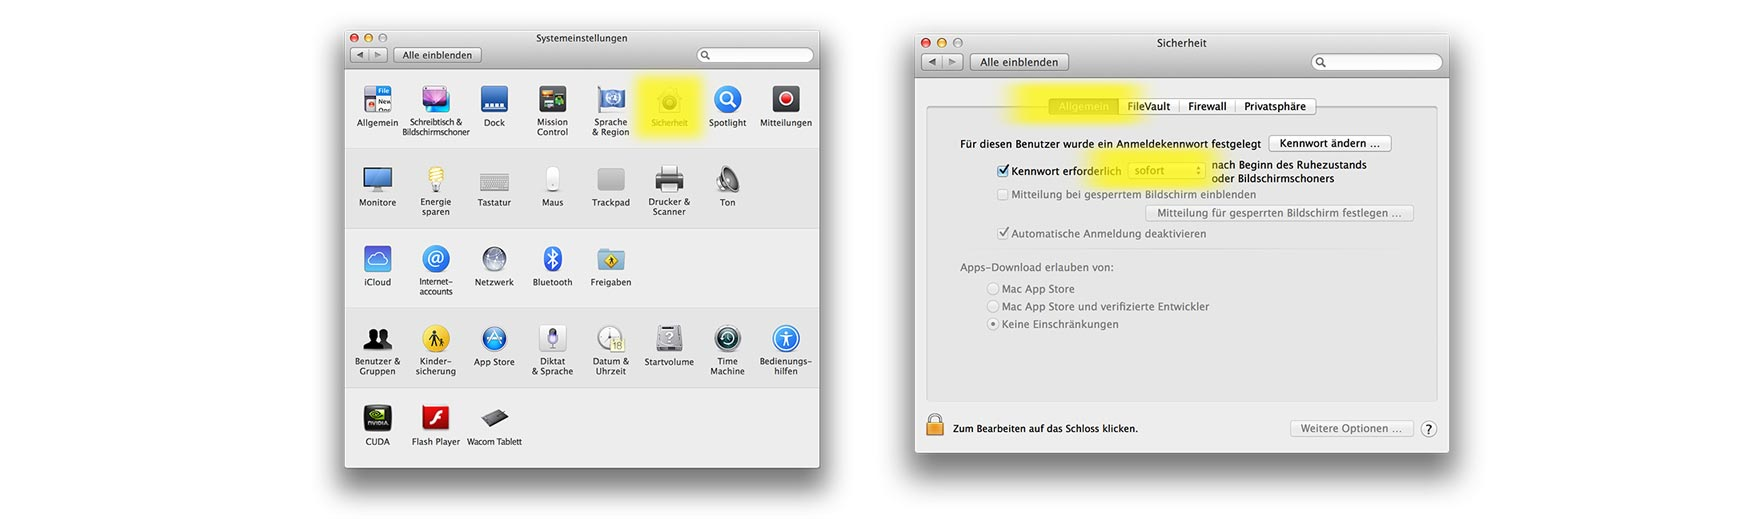 Anleitung zum Setzen eines Passwortes anhand von Screenshots